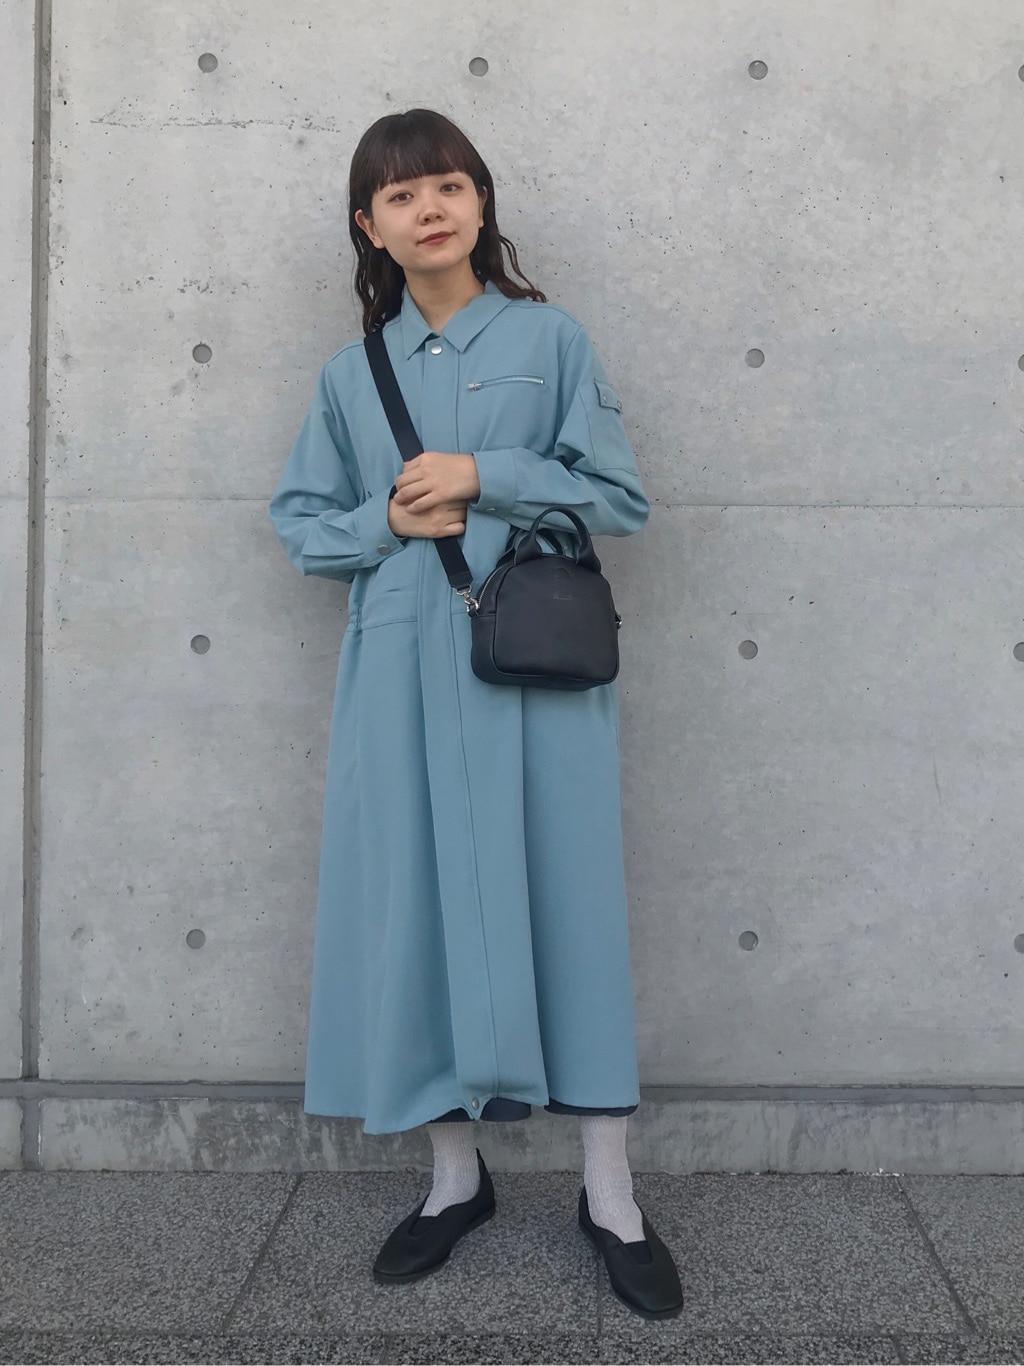 東京スカイツリータウン・ソラマチ 2020.09.14